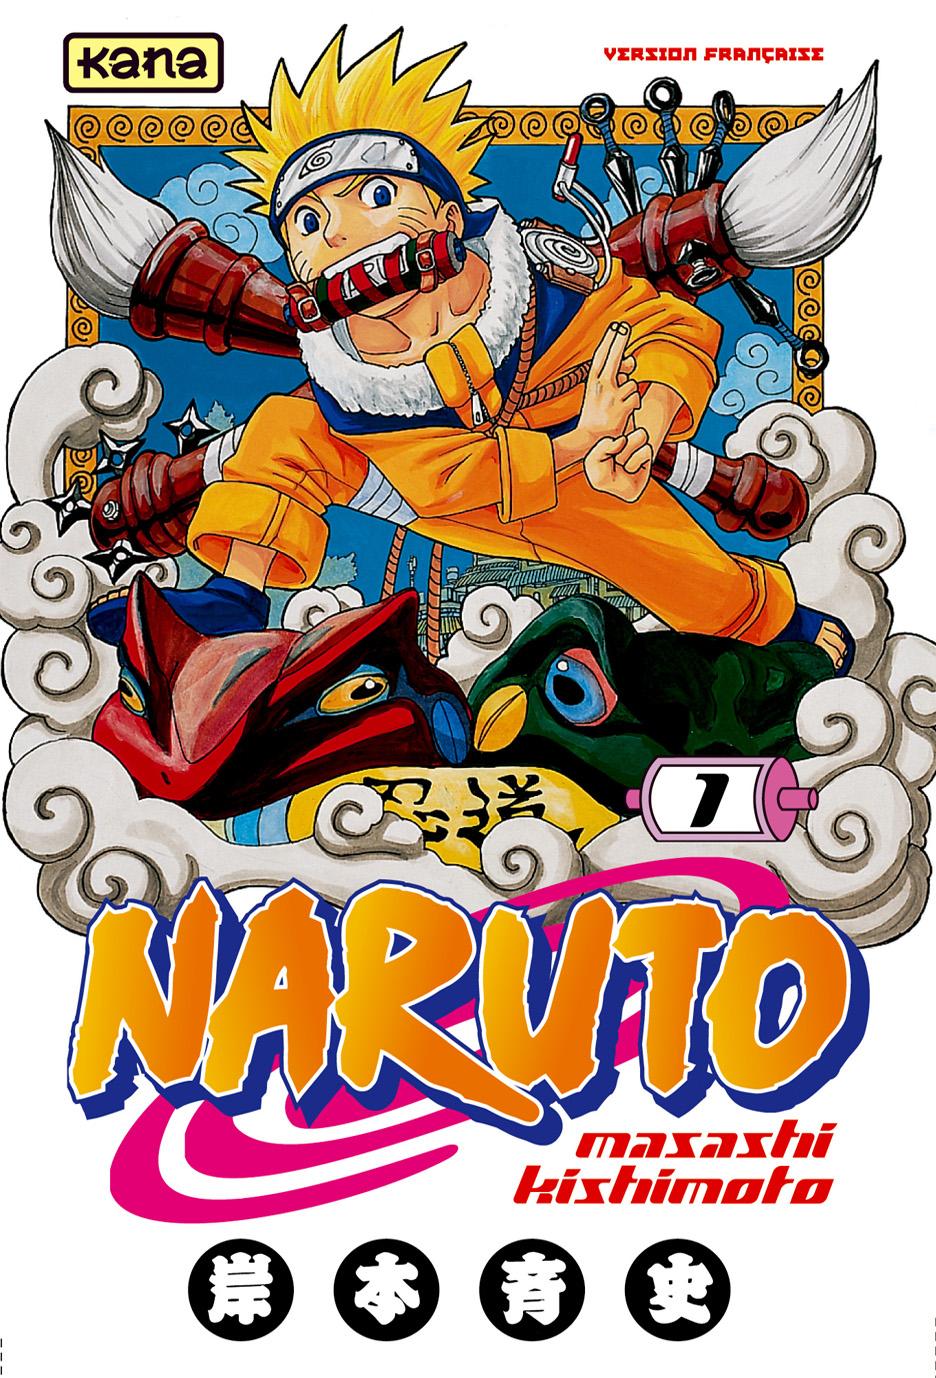 Naruto001